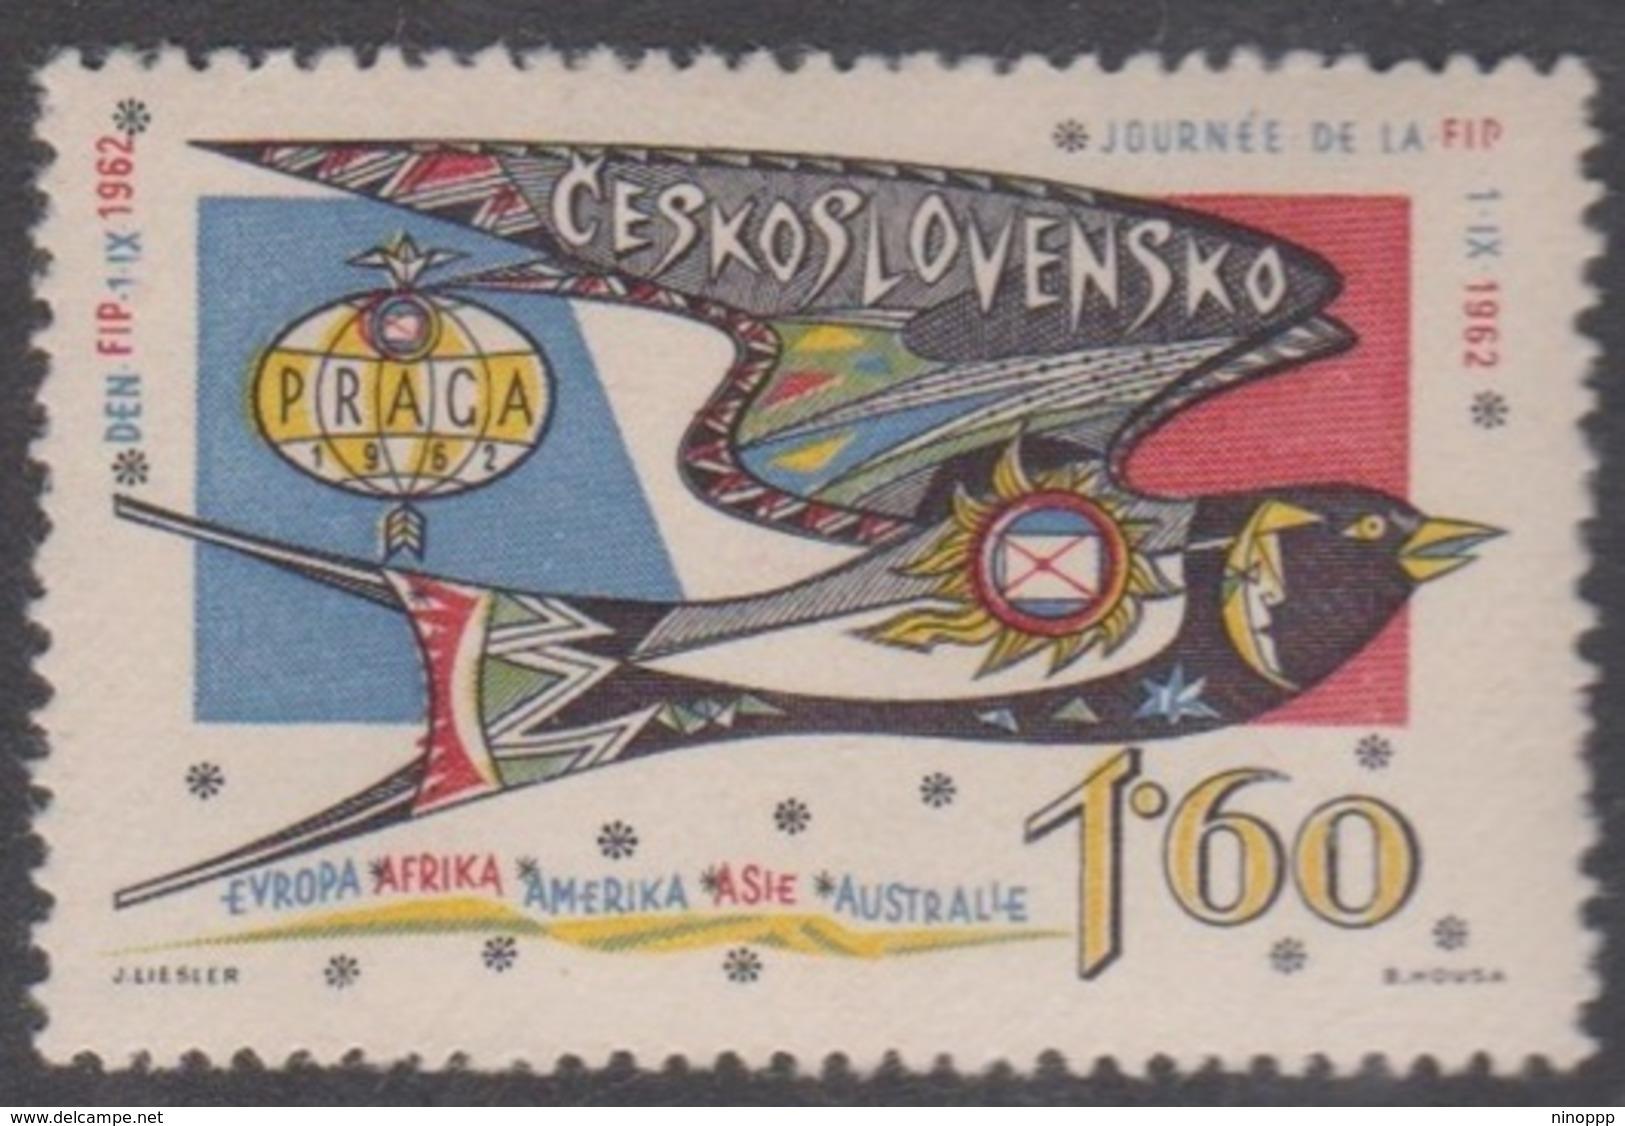 Czechoslovakia SG 1316 1962 F.I.P. Day, Mint Never Hinged - Czechoslovakia